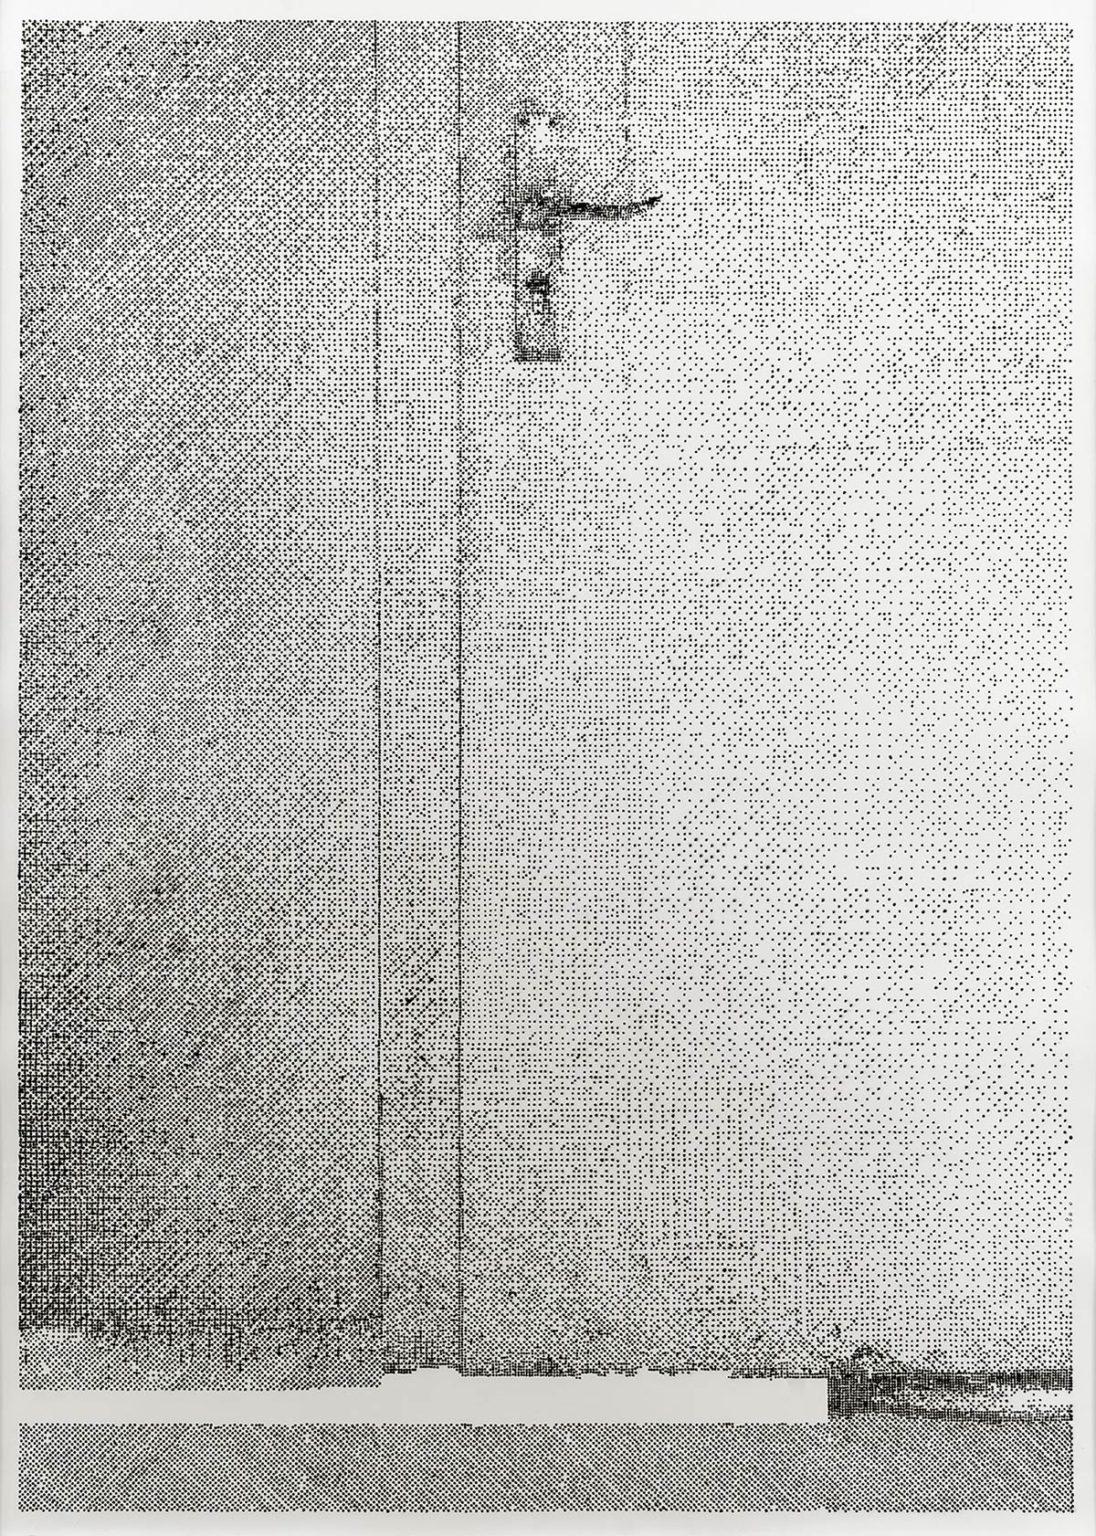 Lichtverlauf Tür I-IV 2020/21, 4-teilig Kaltnadelradierung auf Zerkall Bütten I-II je 138 x 98 cm (Blattmaß)